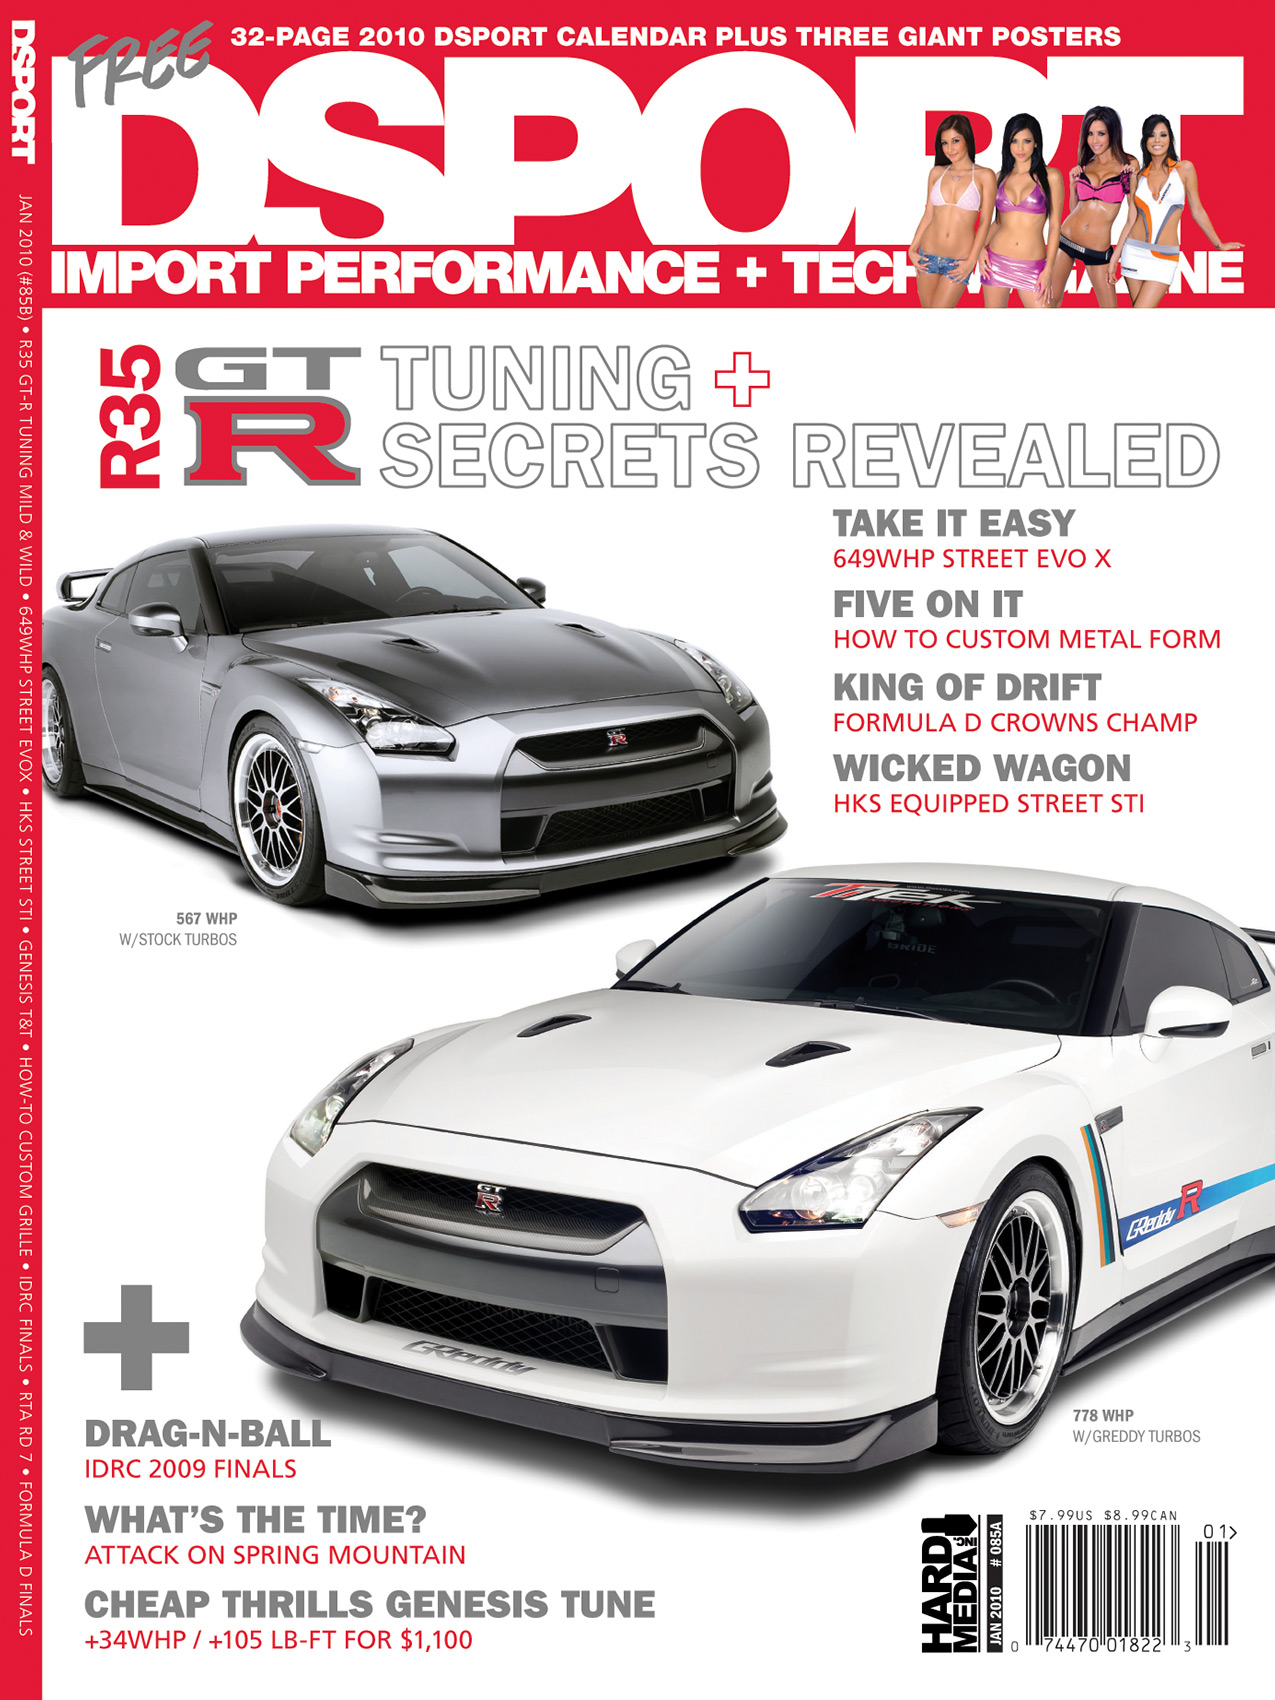 TopCover-SP-GTR-cover-085-0011.jpg